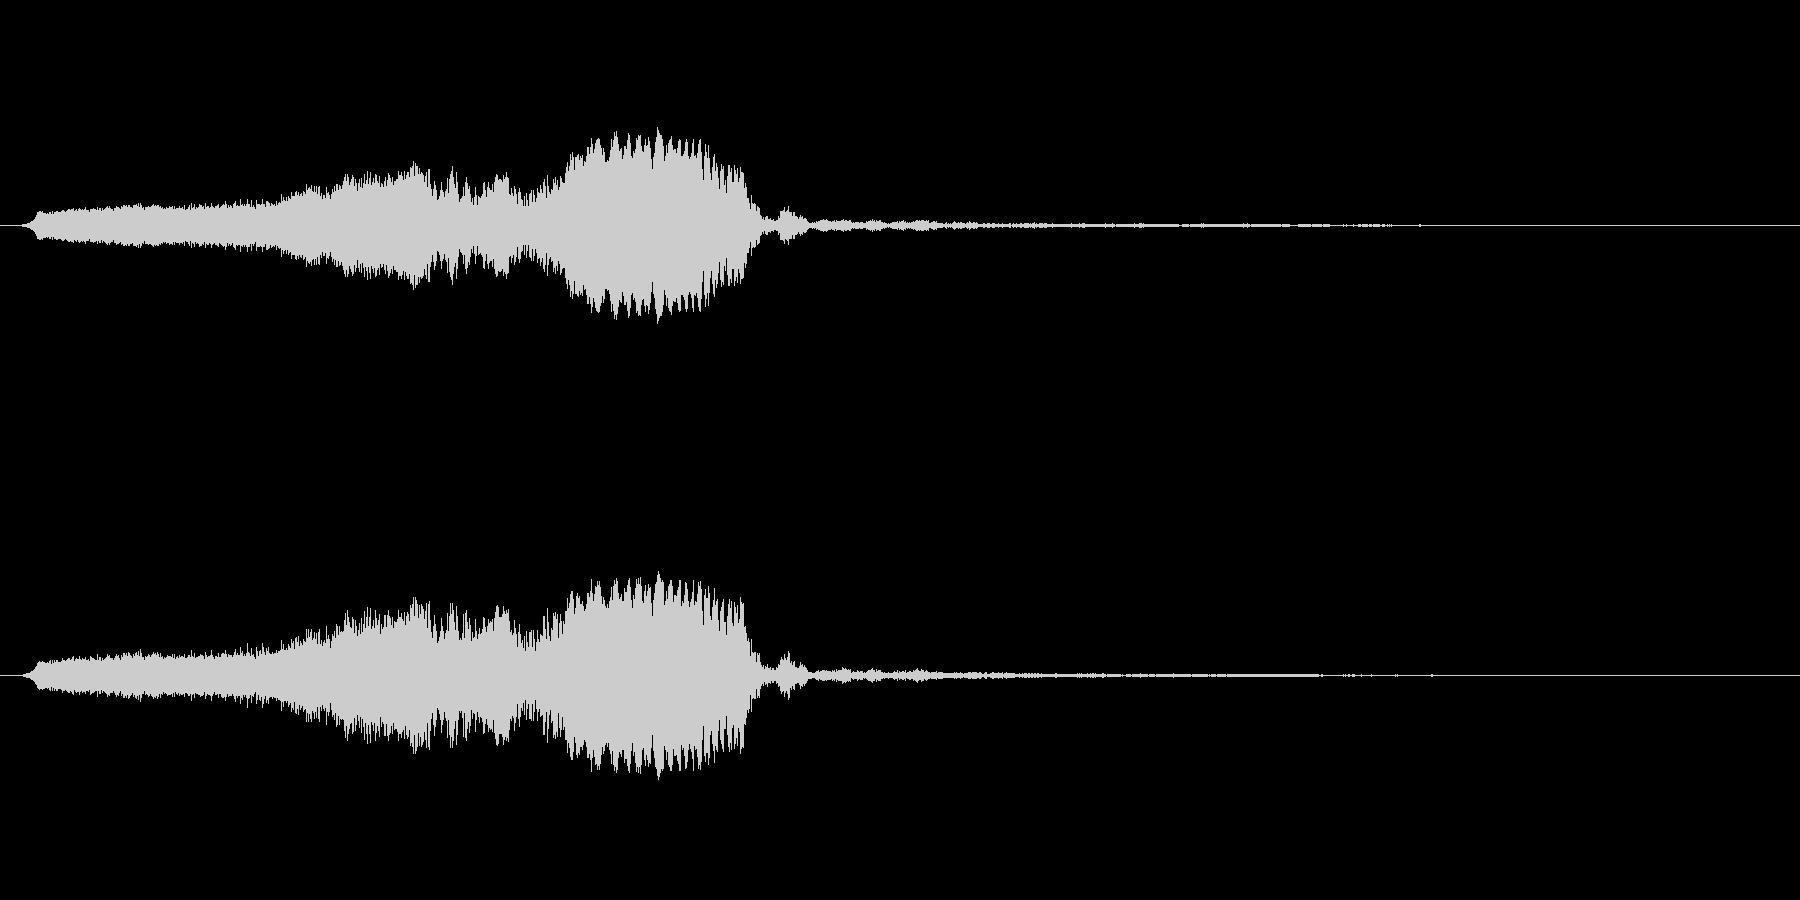 スライドホイッスル-4の未再生の波形